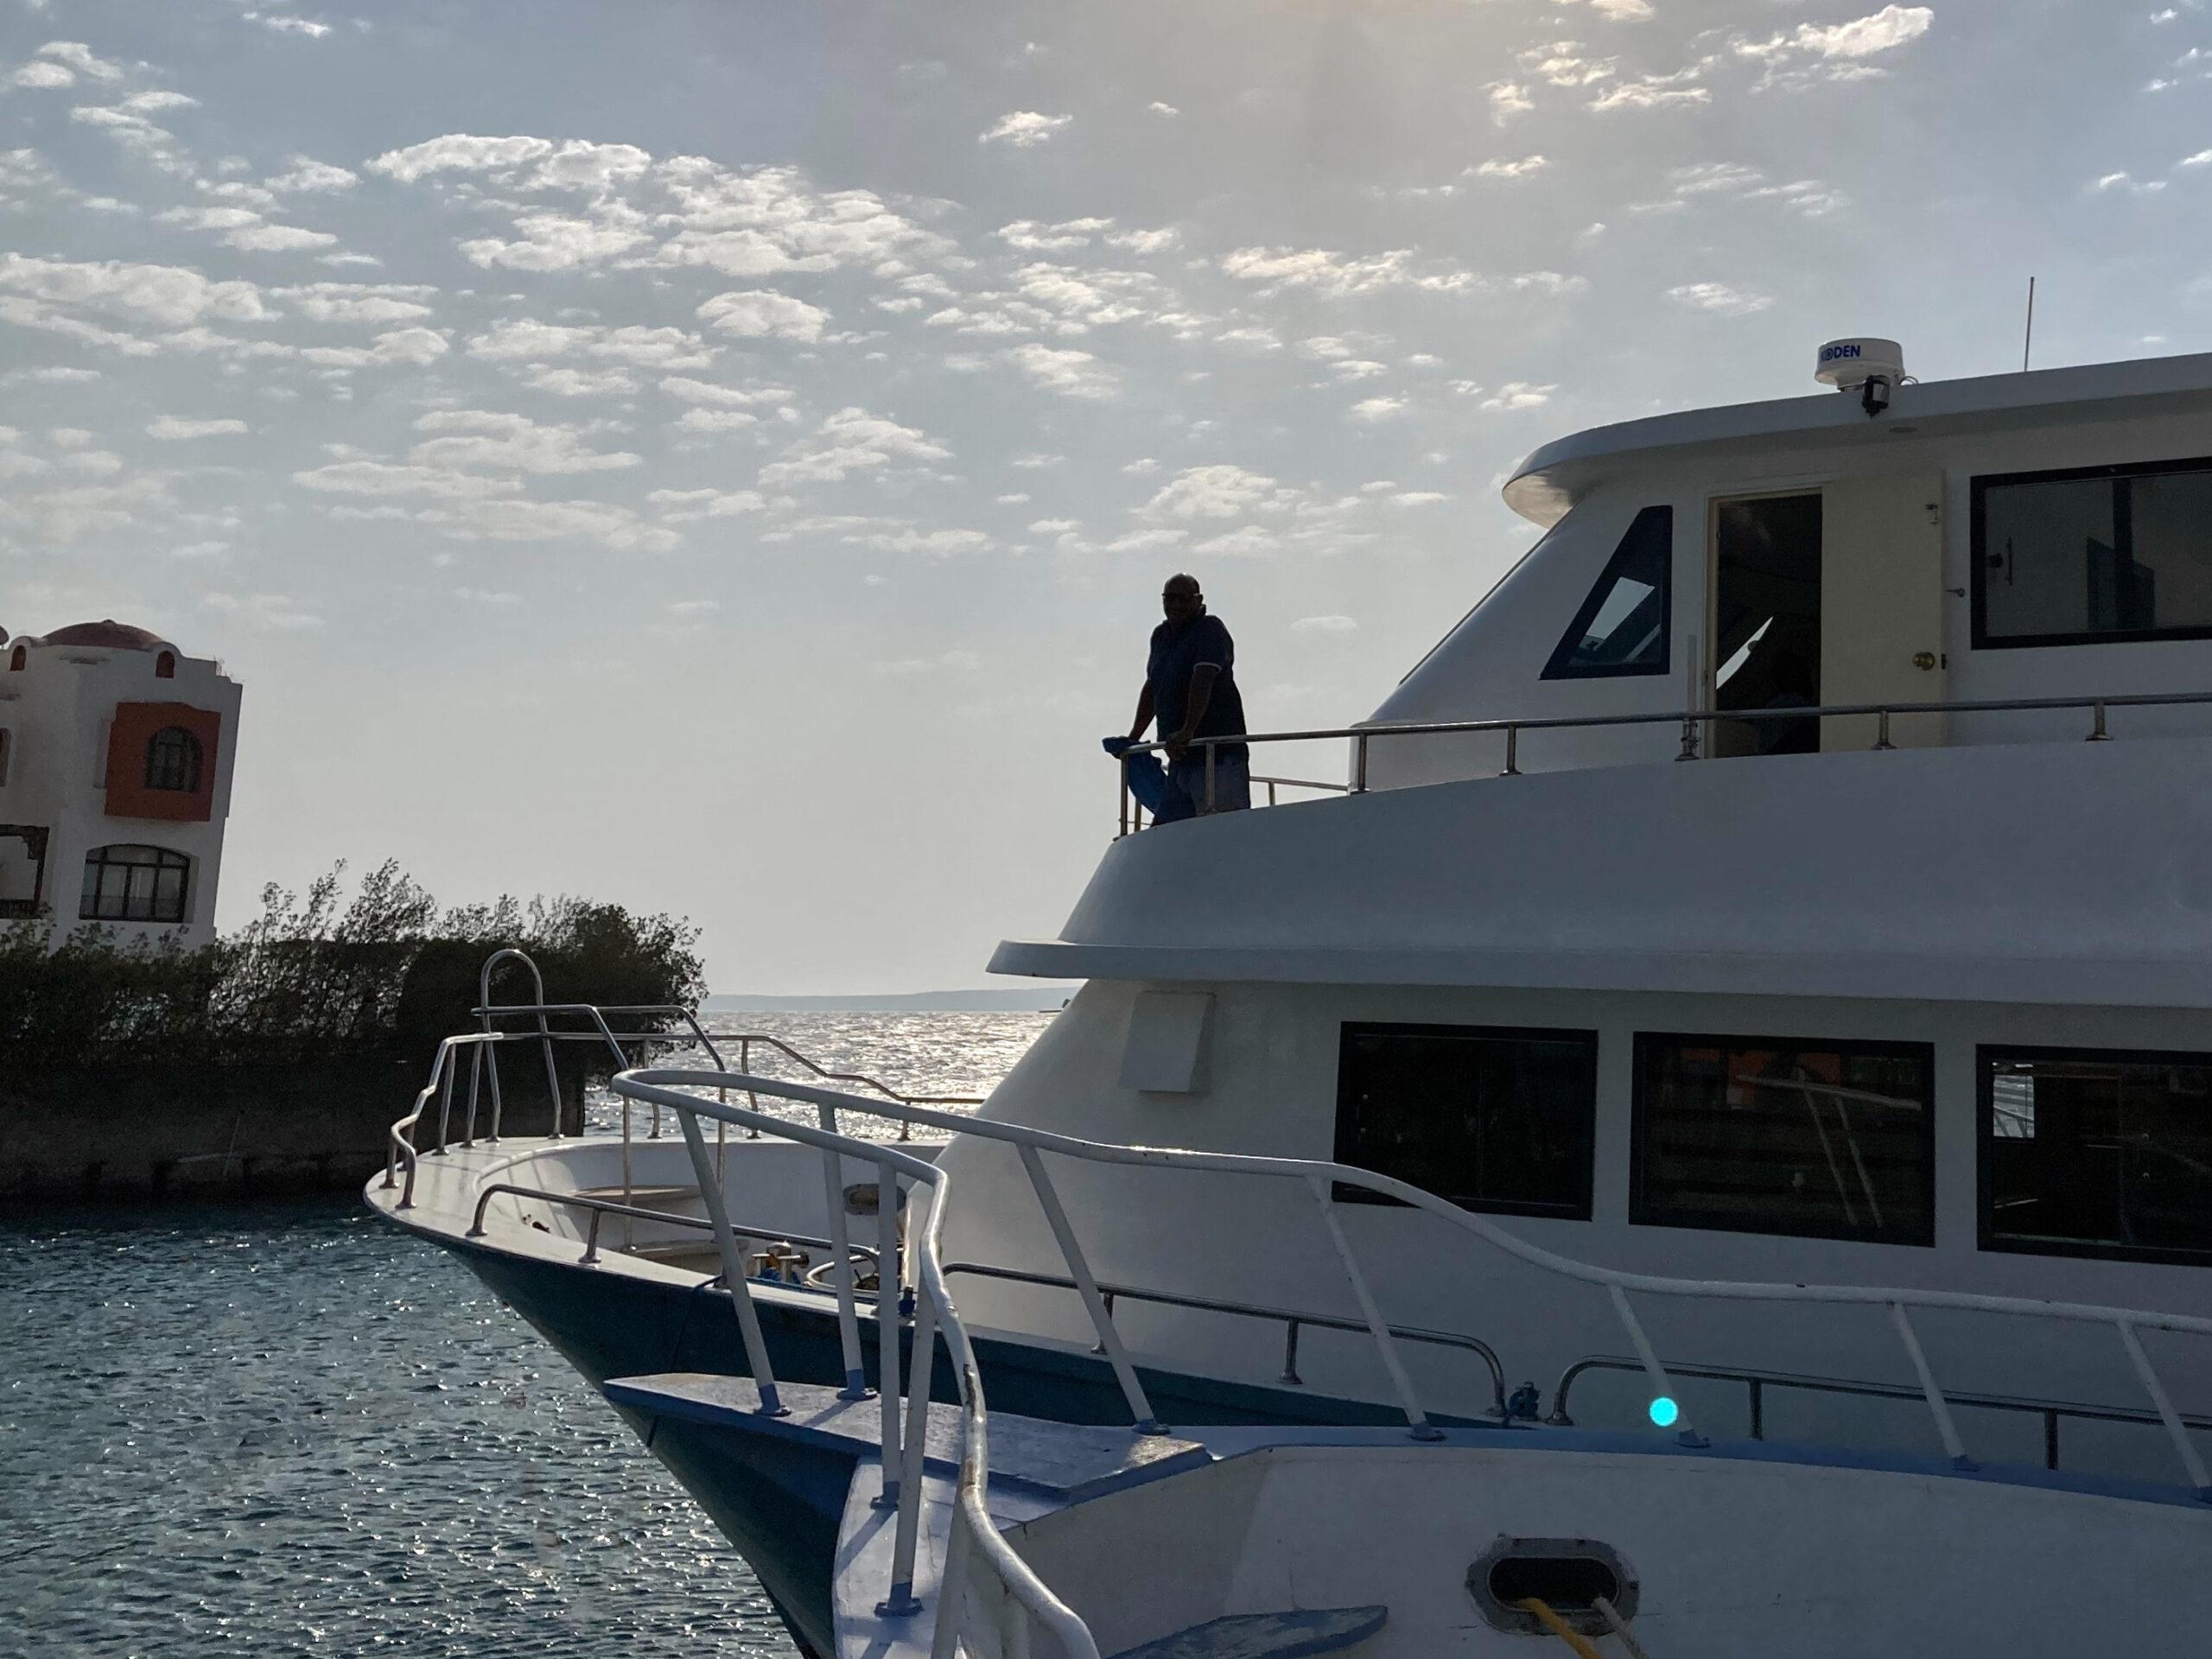 Der Wochenrückblick direkt vom Roten Meer